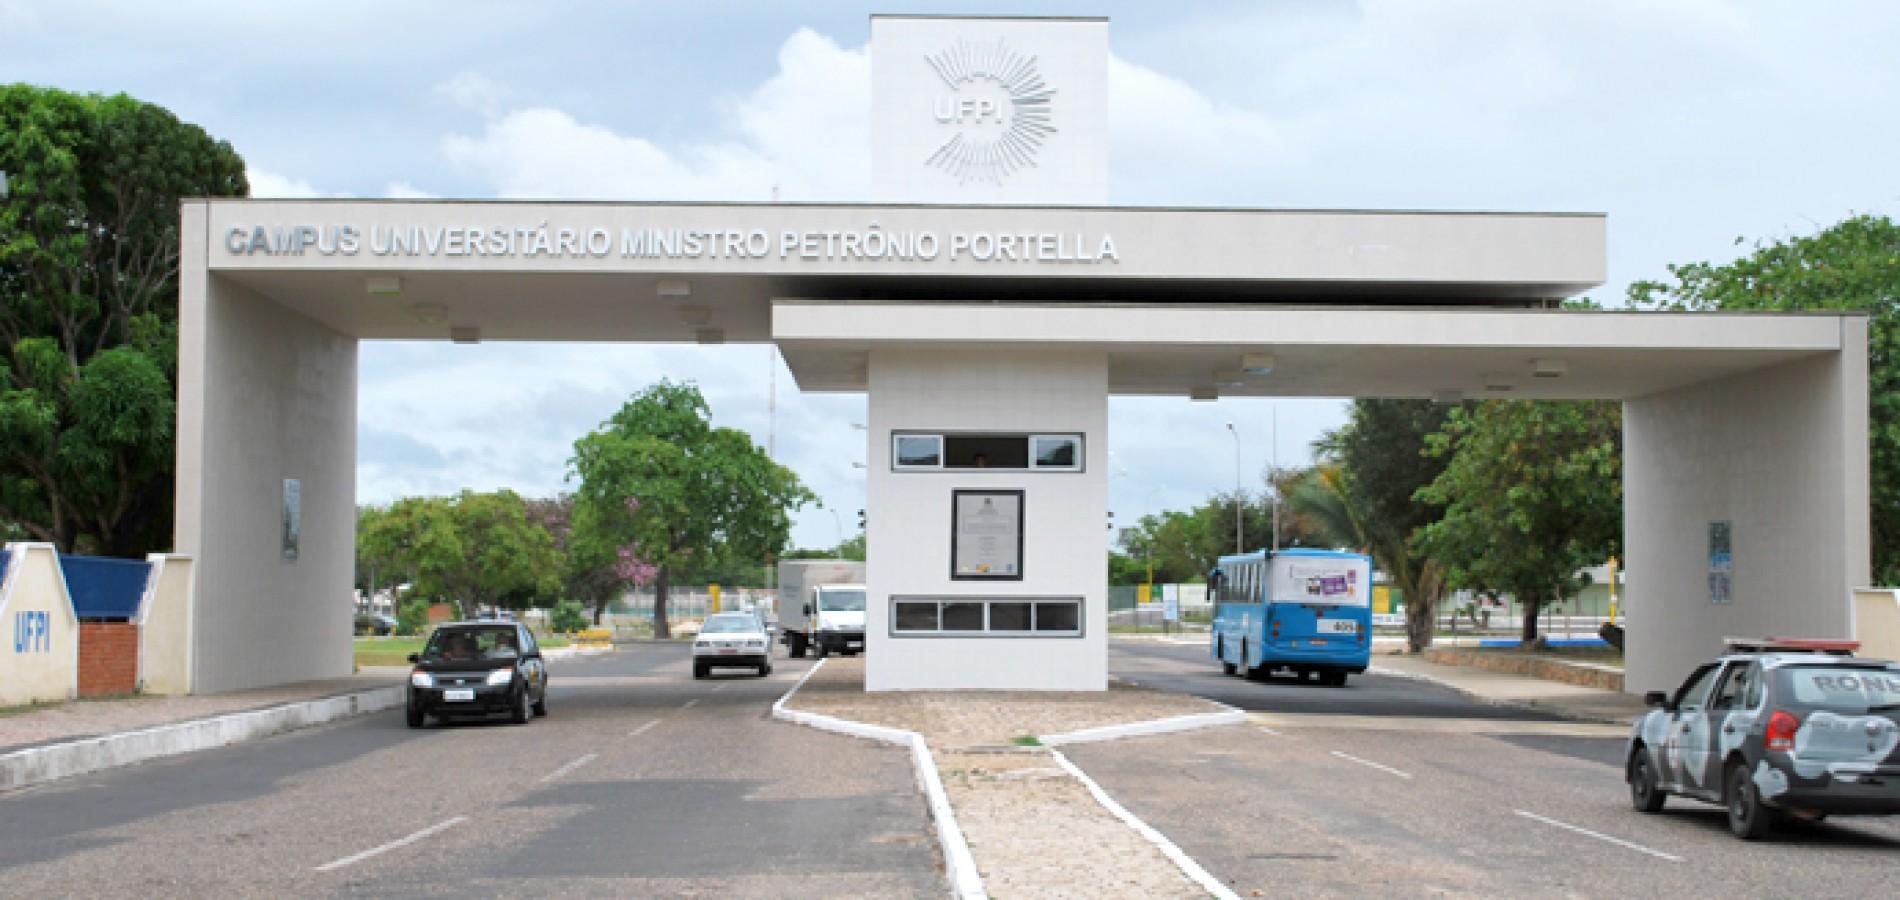 UFPI registra mais um assalto no campus; a 27ª ocorrência do ano